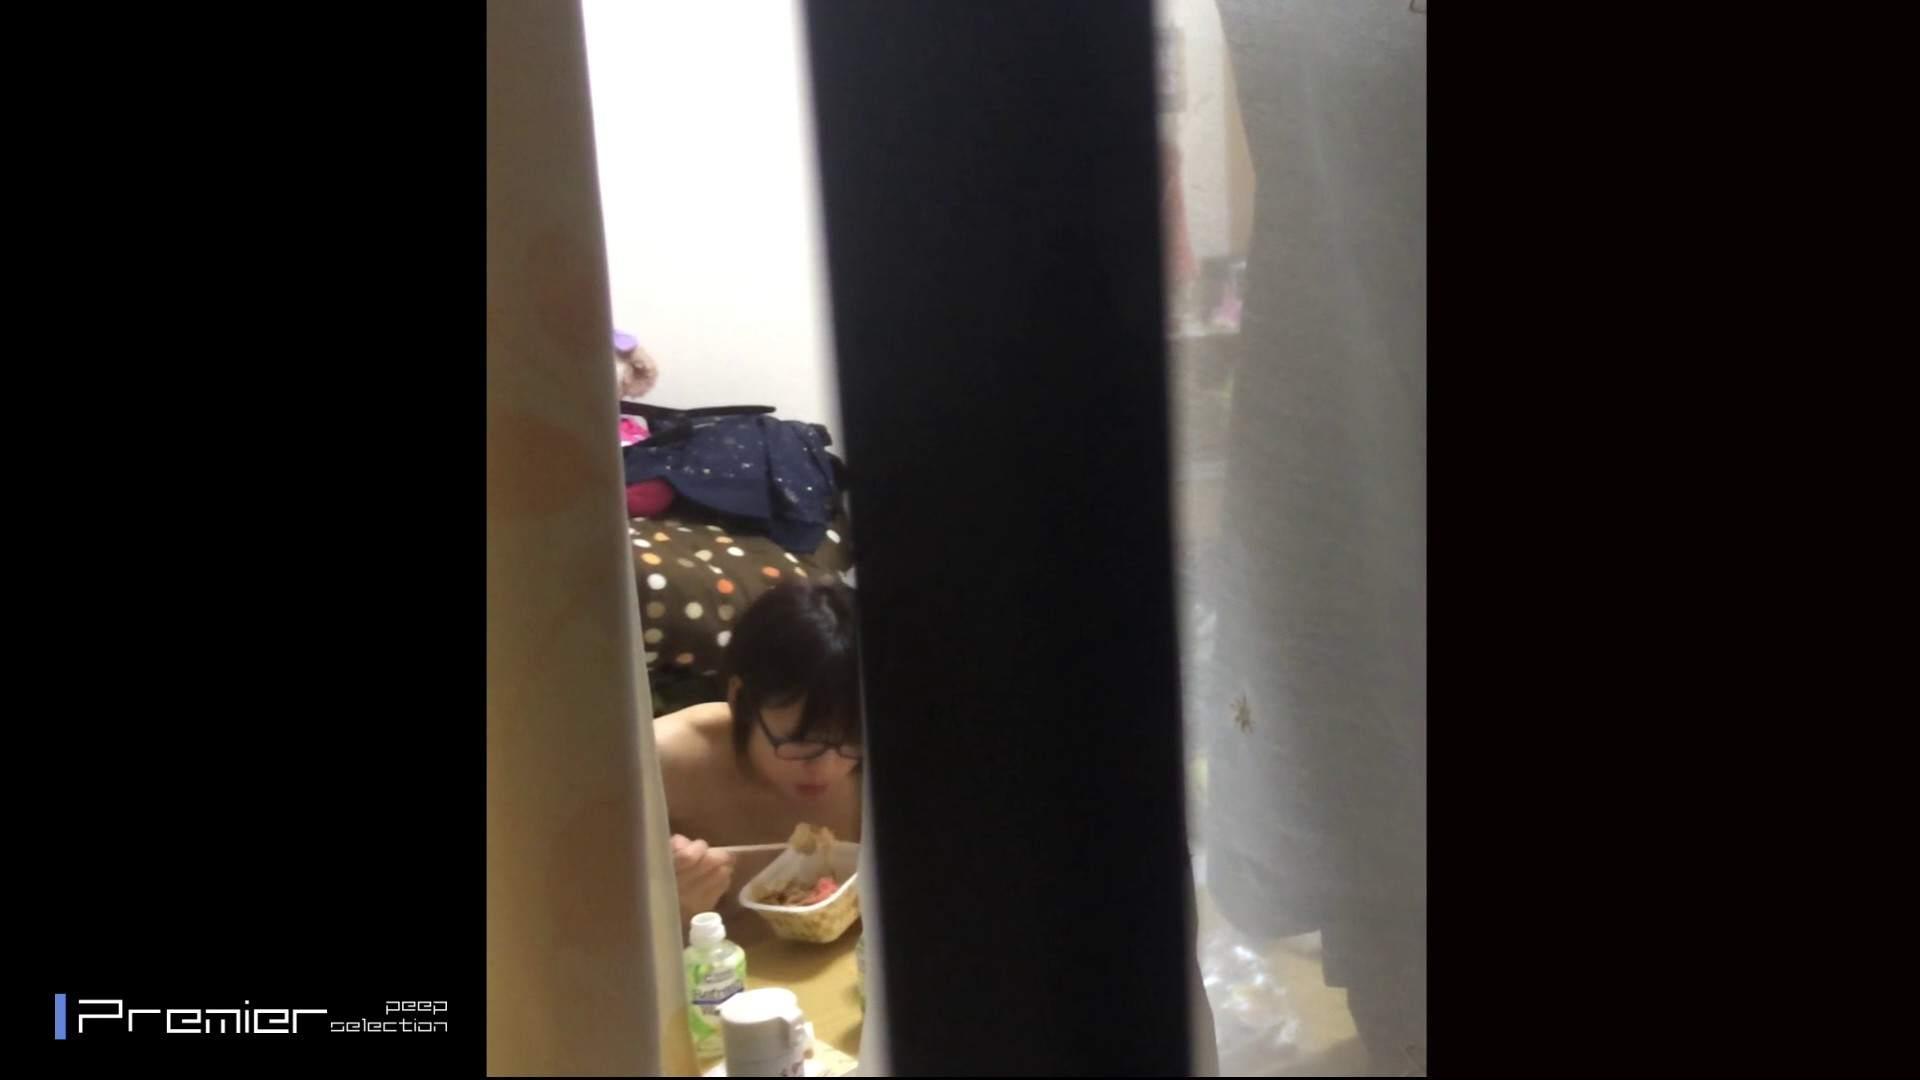 眼鏡美女の食事を隠し撮り 乙女の風呂場 Vol.05 美肌 エロ画像 96枚 94